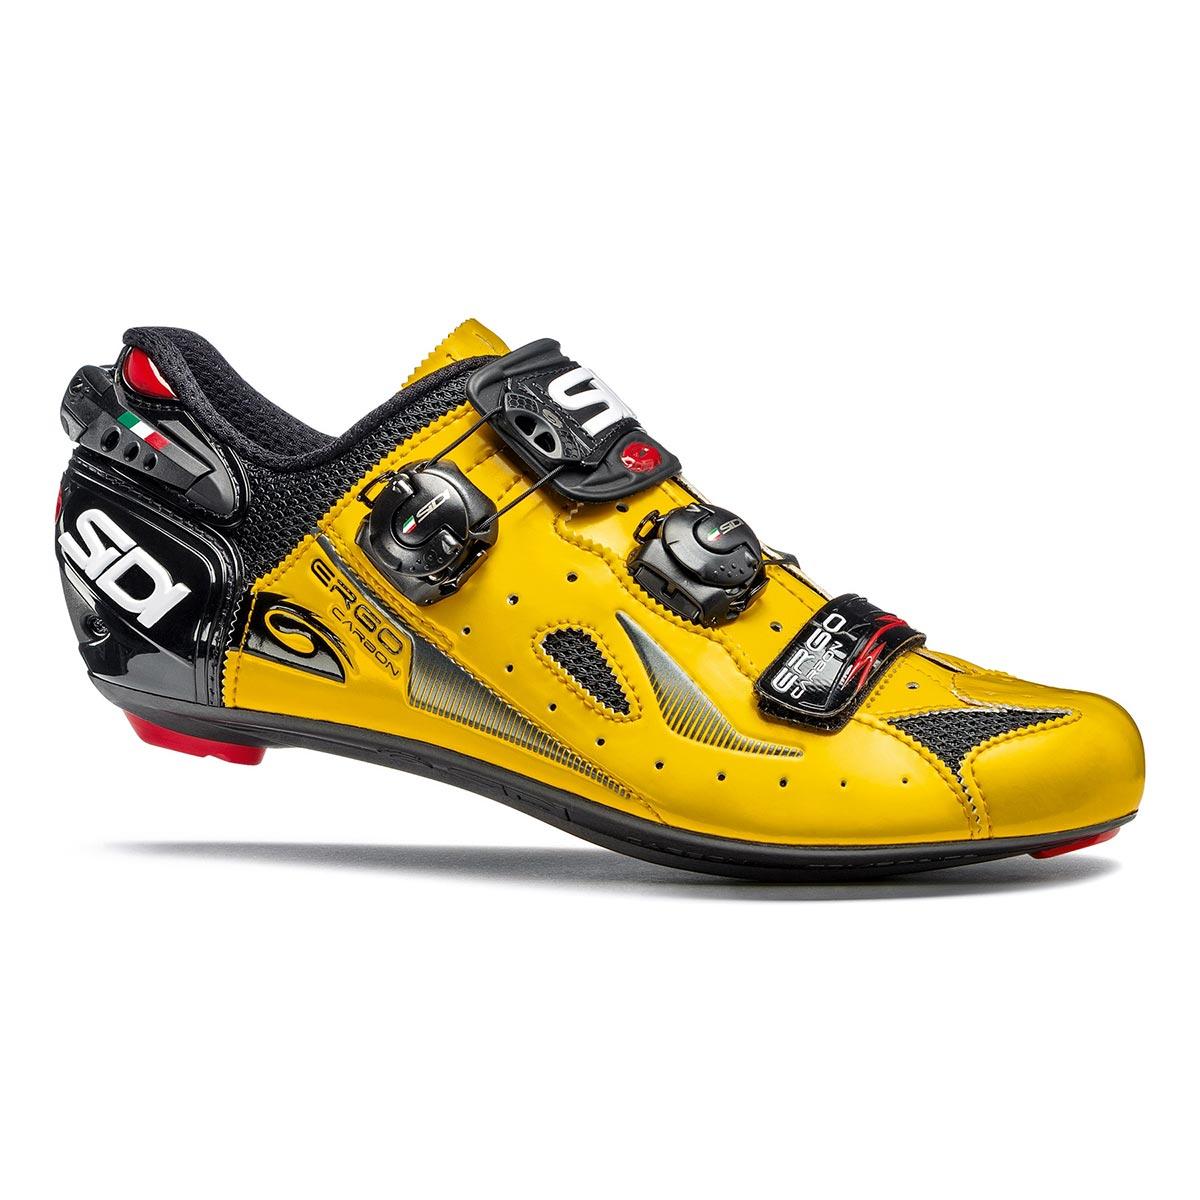 Détails sur Sidi Ergo 4 pour Homme Route Chaussures Cyclisme JauneNoir